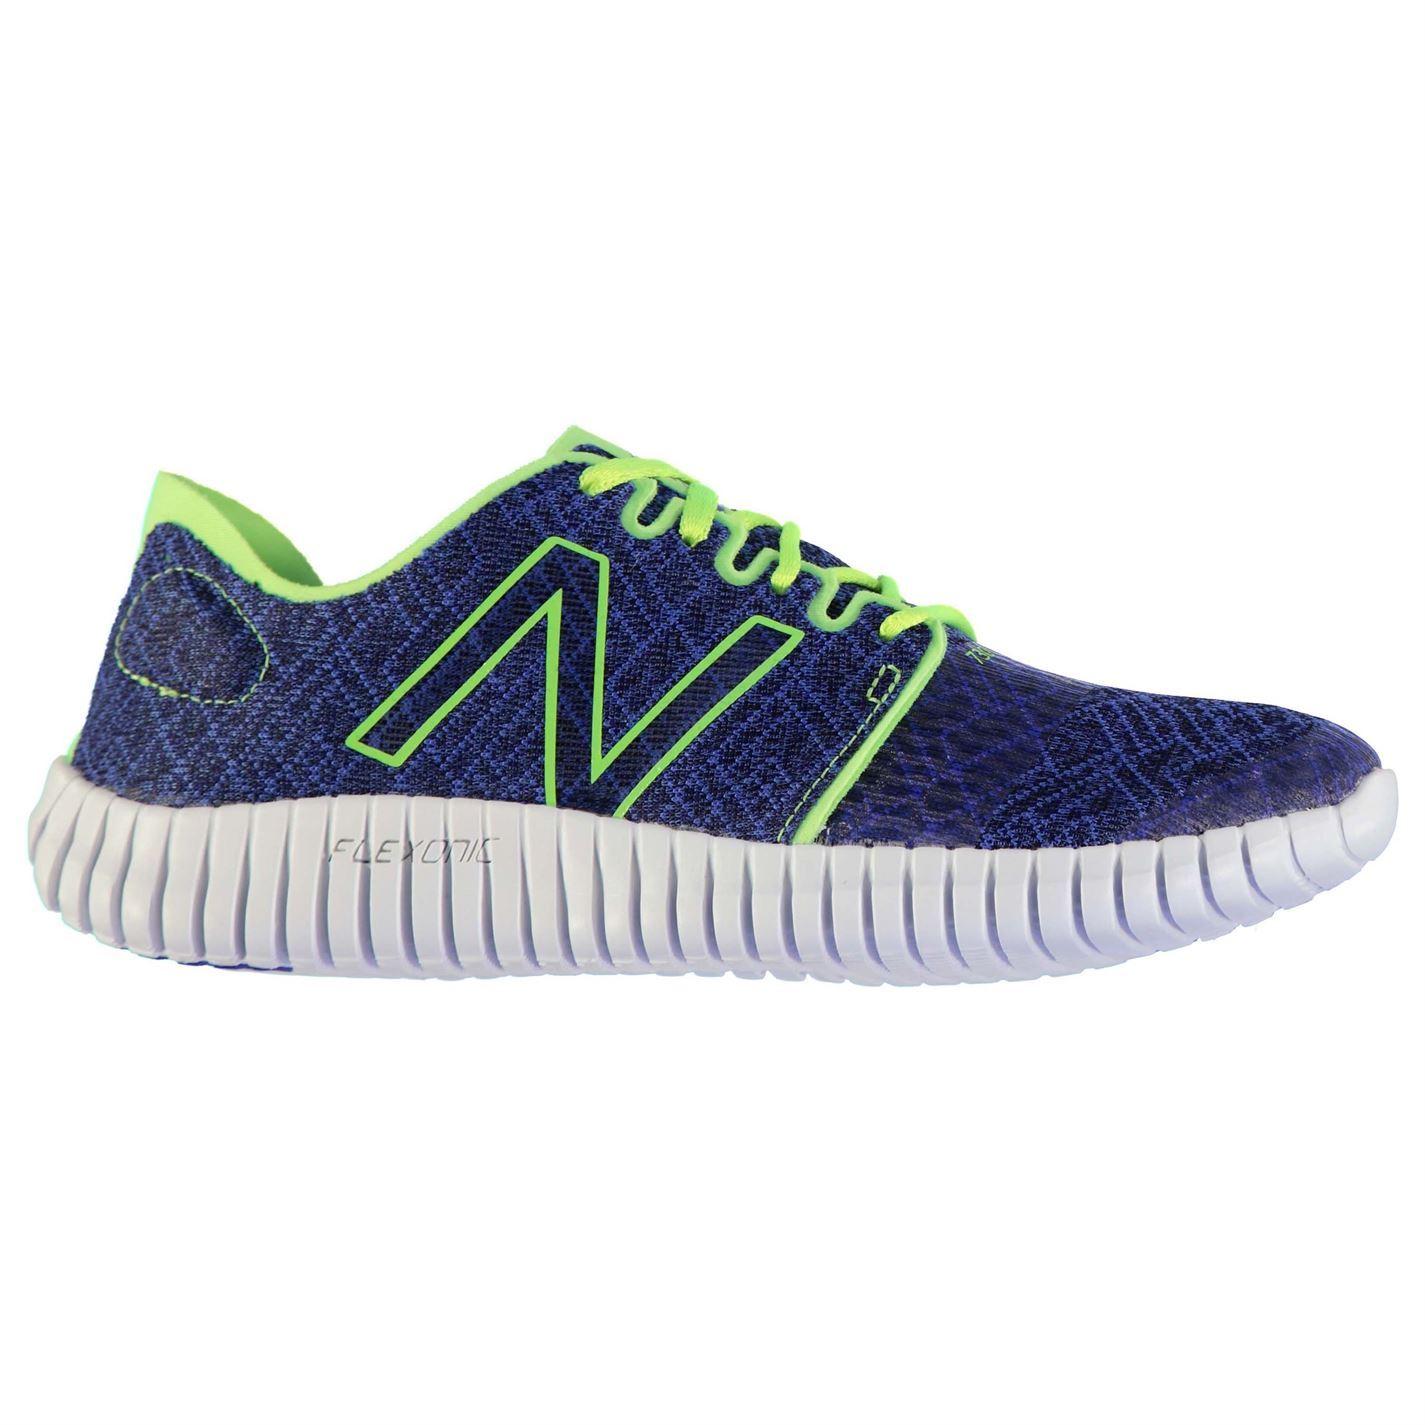 New Balance 730 Zapatos Corrientes De Los Hombres Gris / Blanco yYRZ0ANpt4